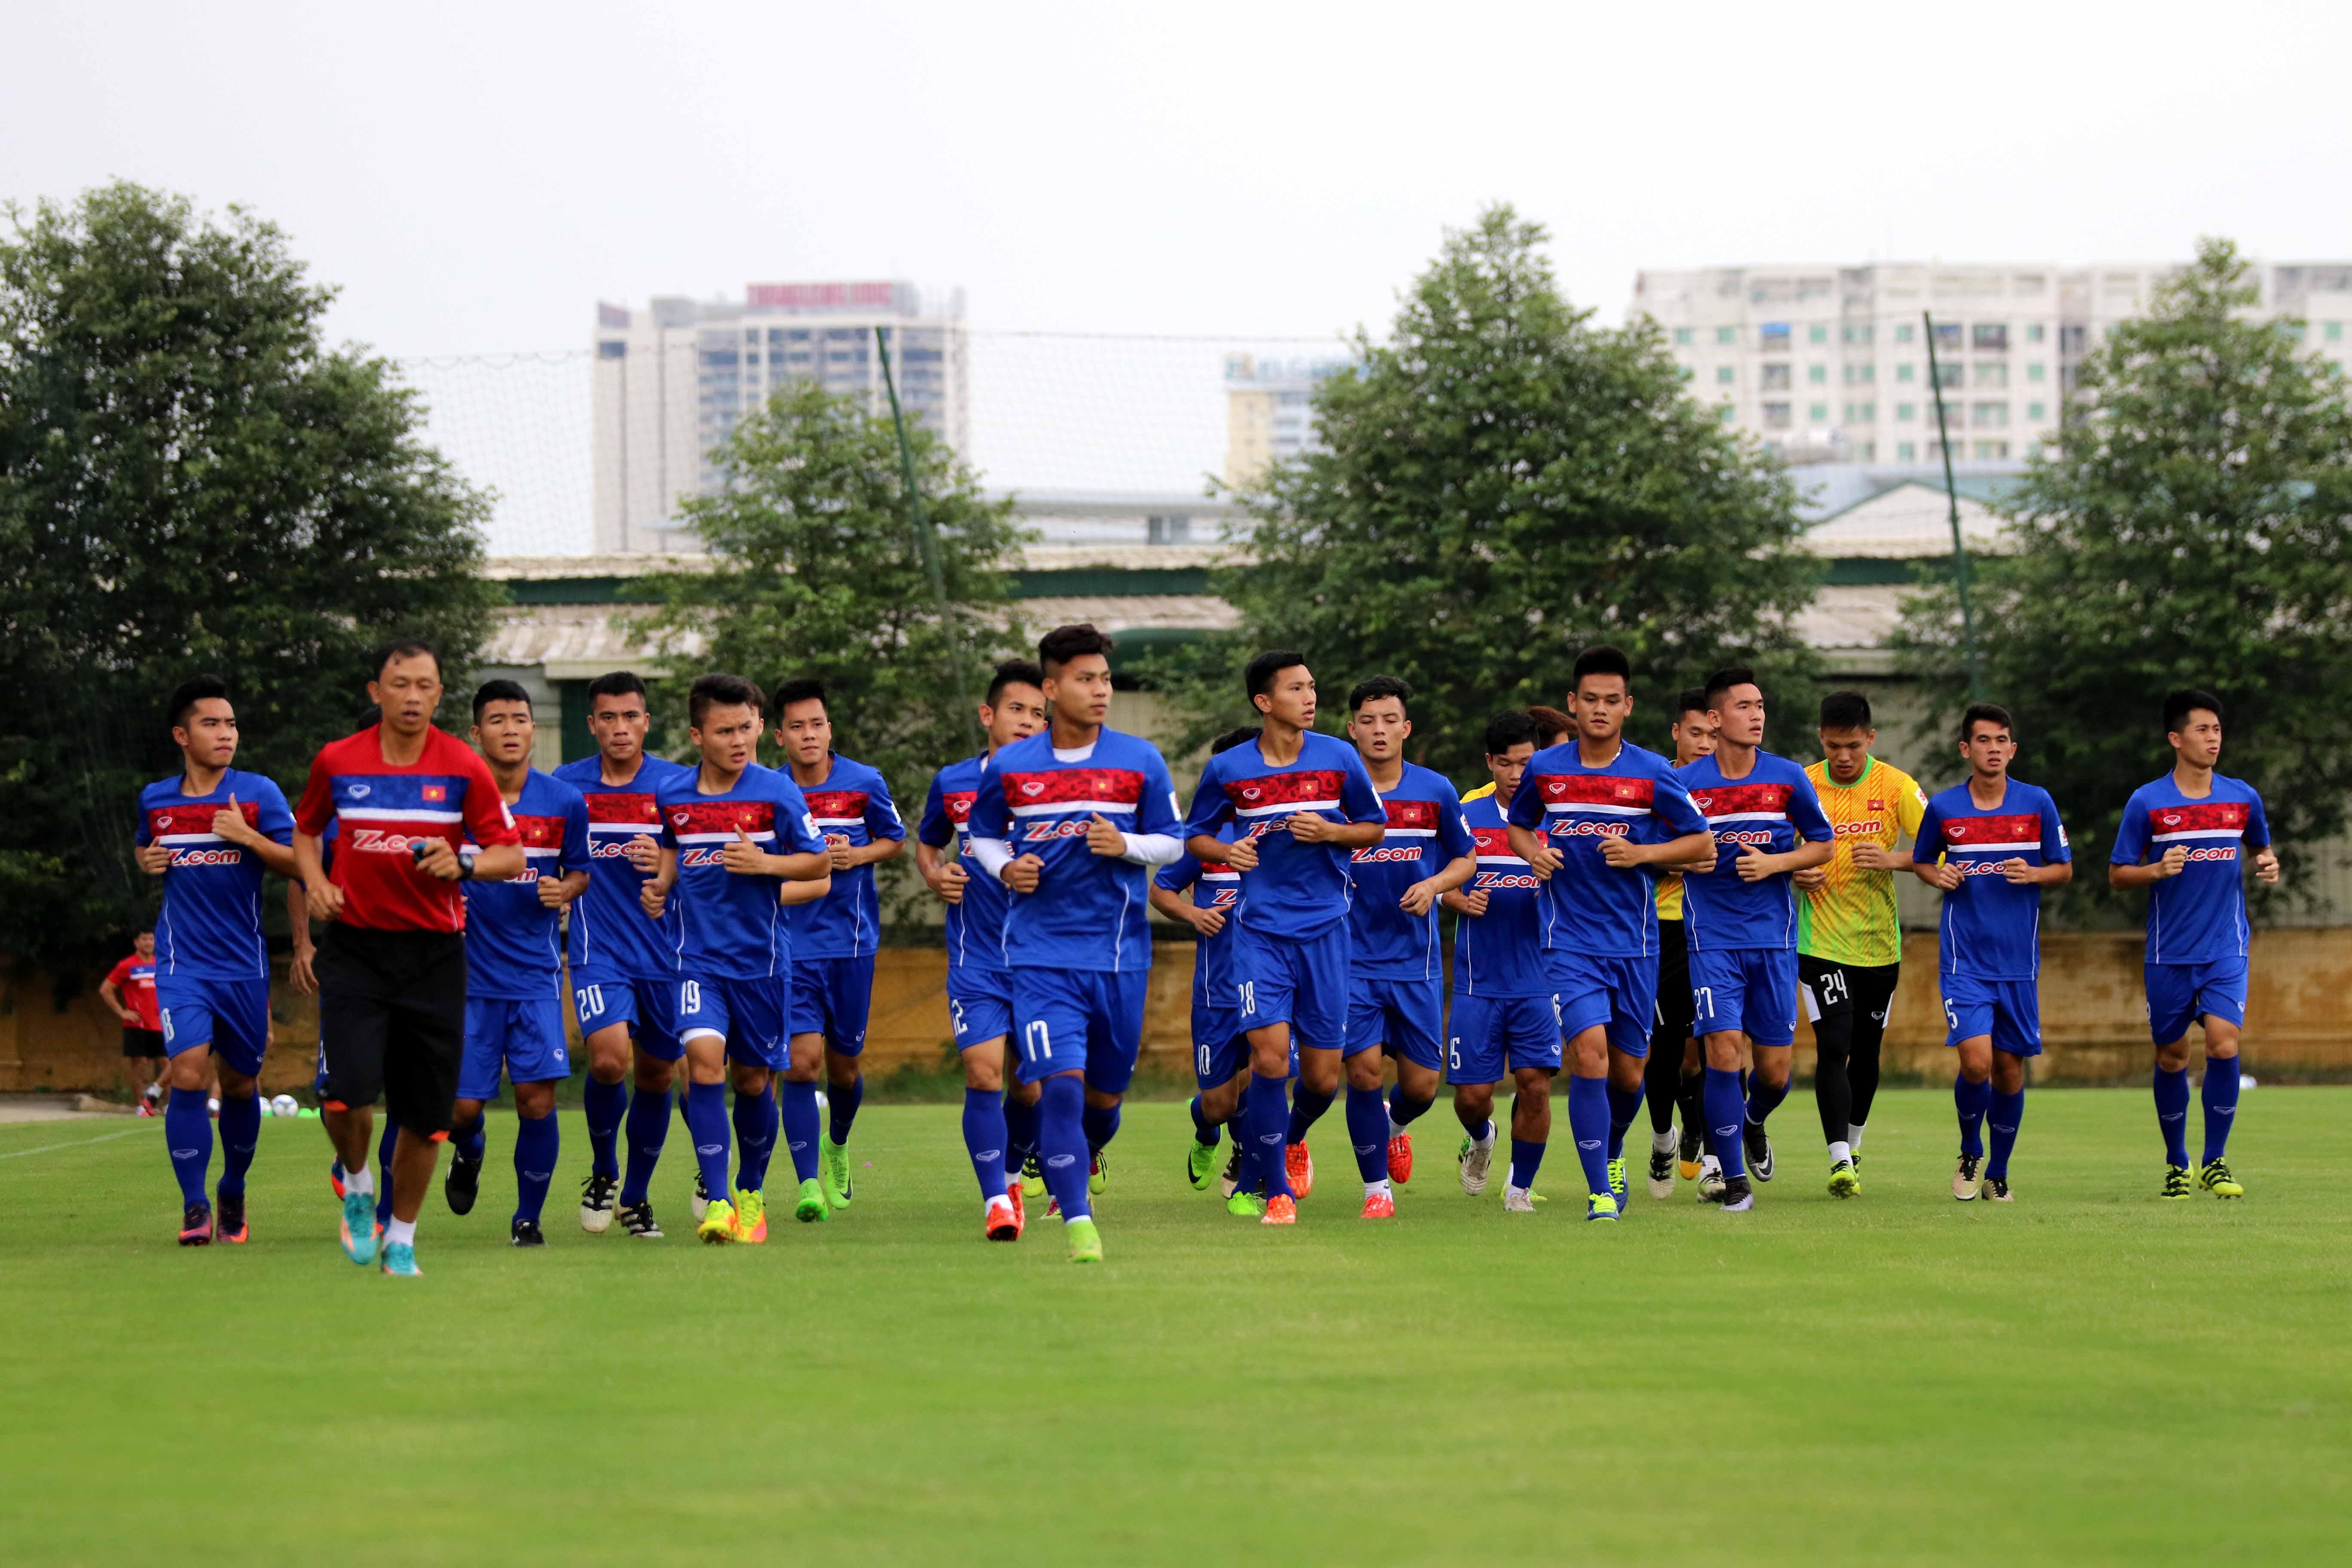 Chùm ảnh U22 Việt Nam đã có buổi tập chính thức đầu tiên trong đợt tập trung chuẩn bị cho vòng loại U23 châu Á và SEA Games 29